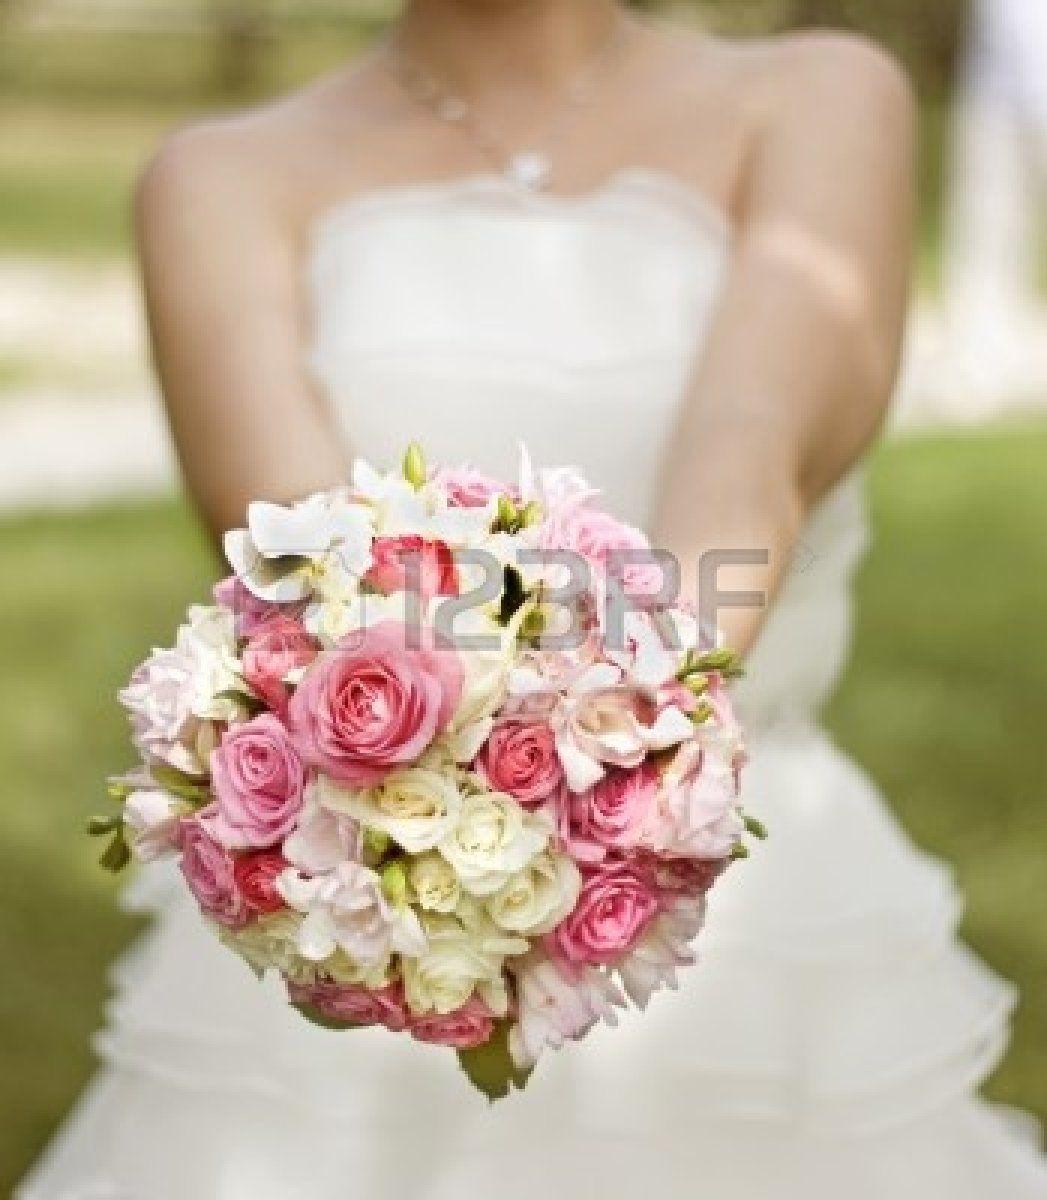 Pin von Nadine <3 auf My Wedding | Pinterest | Einfaches weißes ...